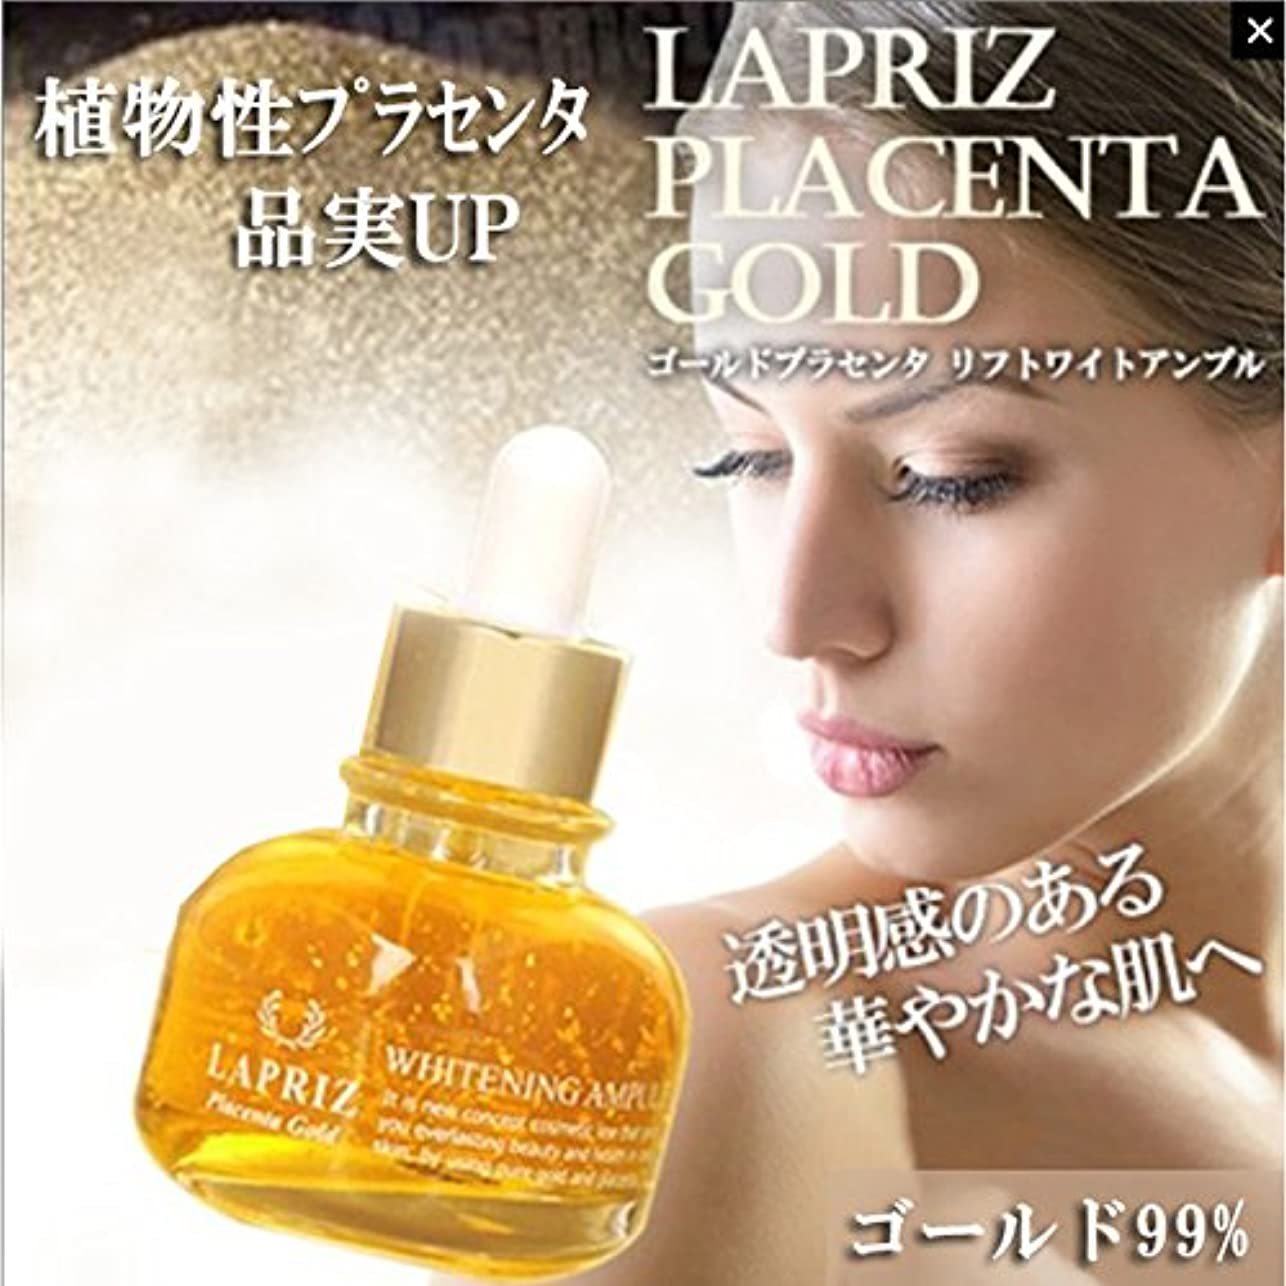 モートキャスト彼らの【LAPRIZ/ラプリズ】プラセンタゴルードホワイトニングアンプル99.9% ゴールド